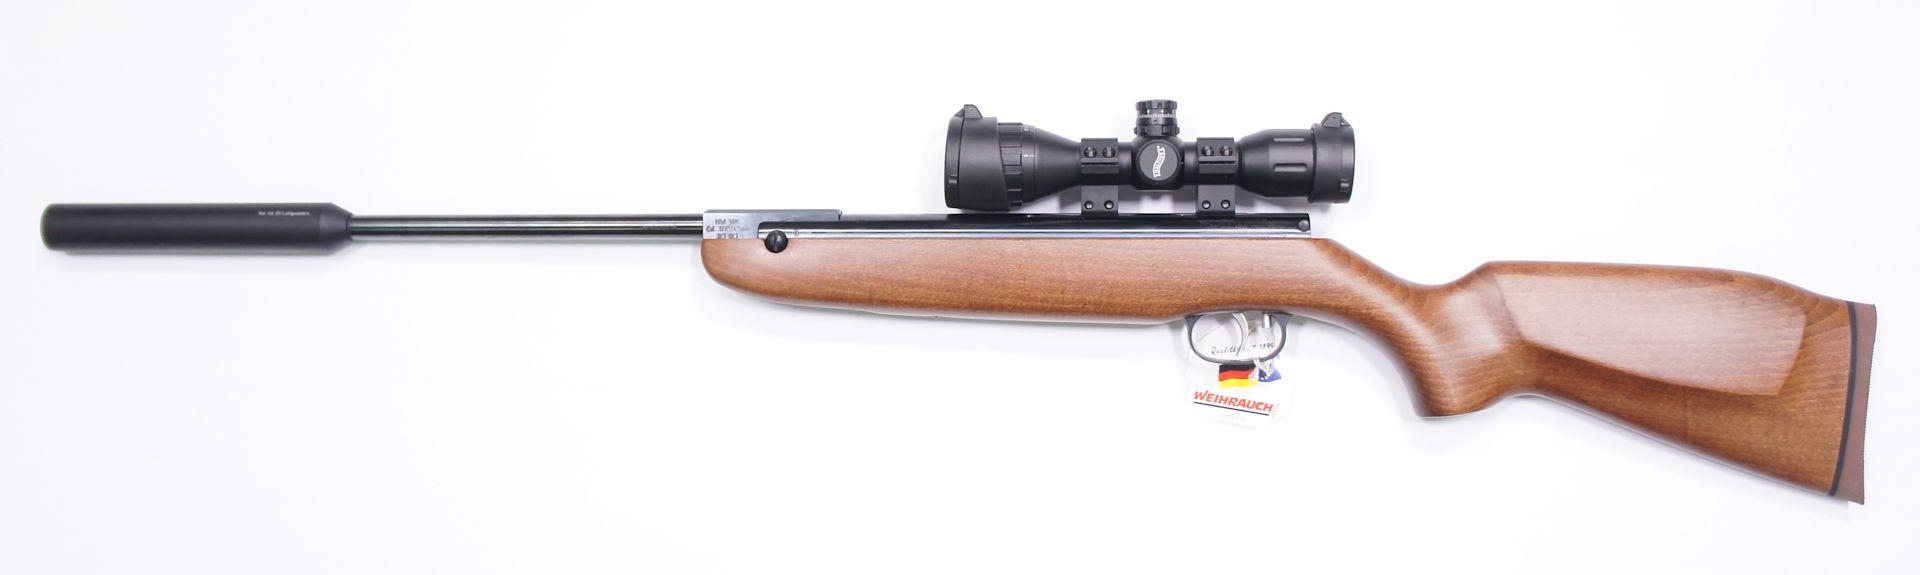 Diese sehr gute und robuste Optik der Marke Walther wäre zum HW 80 K eine hervorragende Ergänzung. Gerne können Sie <a href=1130130set77-55.htm>so eine Optik am Gewehr von mir montiert und eingeschossen</a> erhalten.